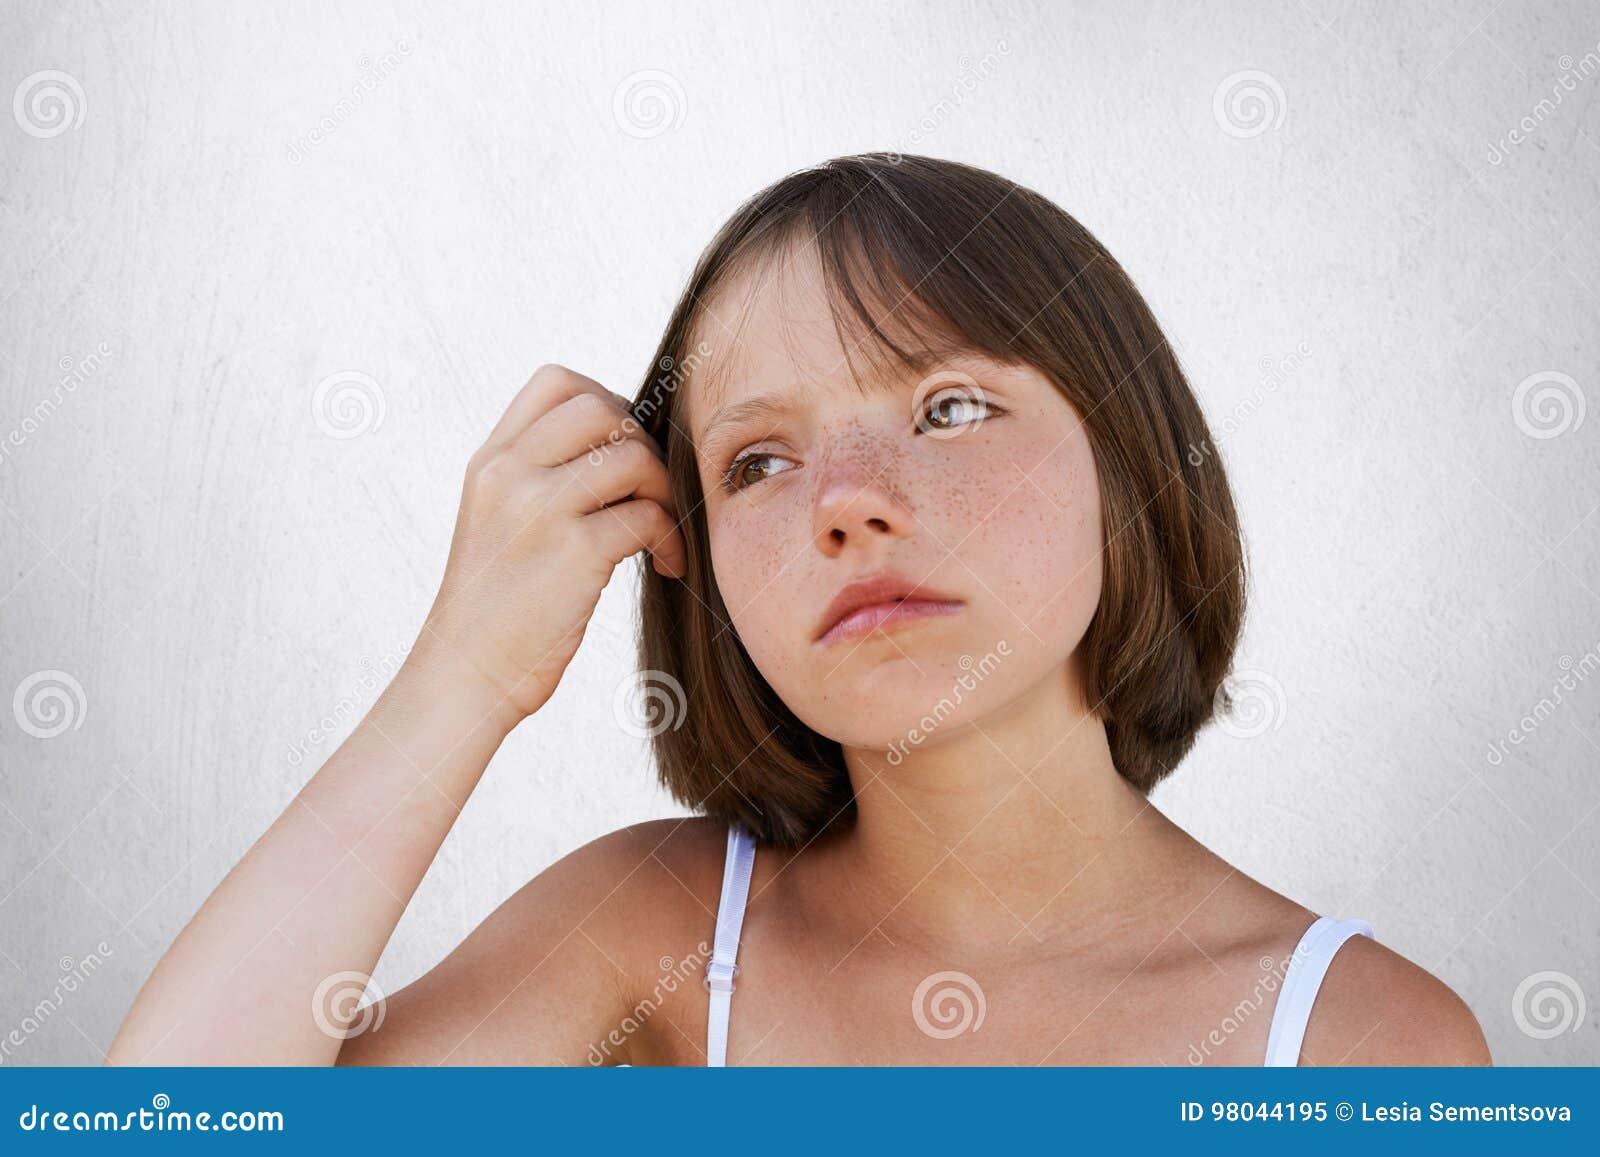 Σοβαρός λίγο φακιδοπρόσωπο παιδί, που κρατά το χέρι της στην τρίχα, στοχαστική έκφραση havin, που κοιτάζει κατά μέρος Όμορφη τοπο